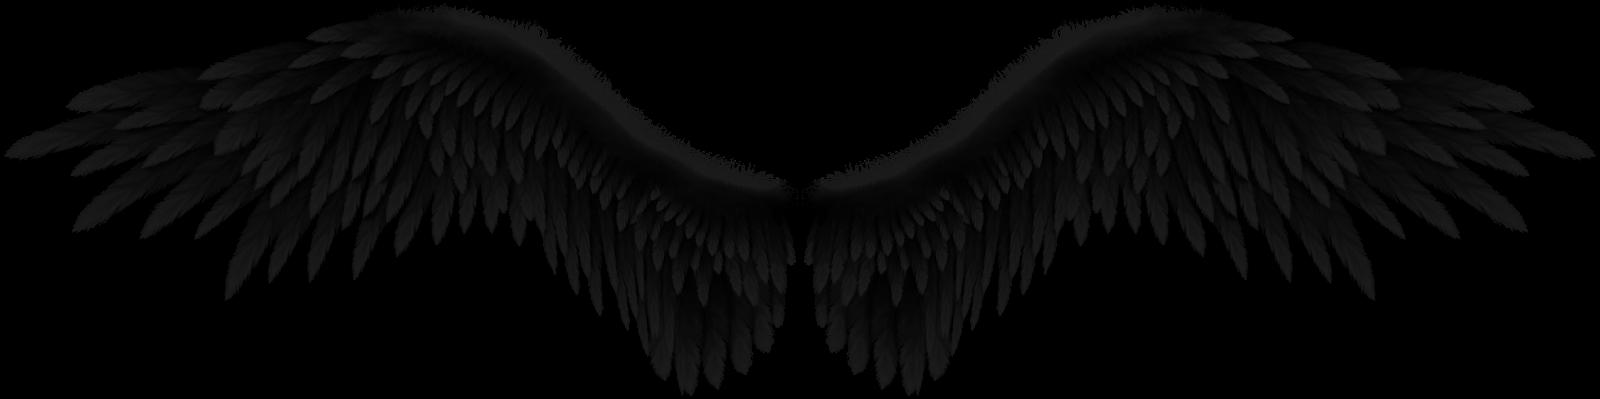 asas de anjo ficam - photo #43